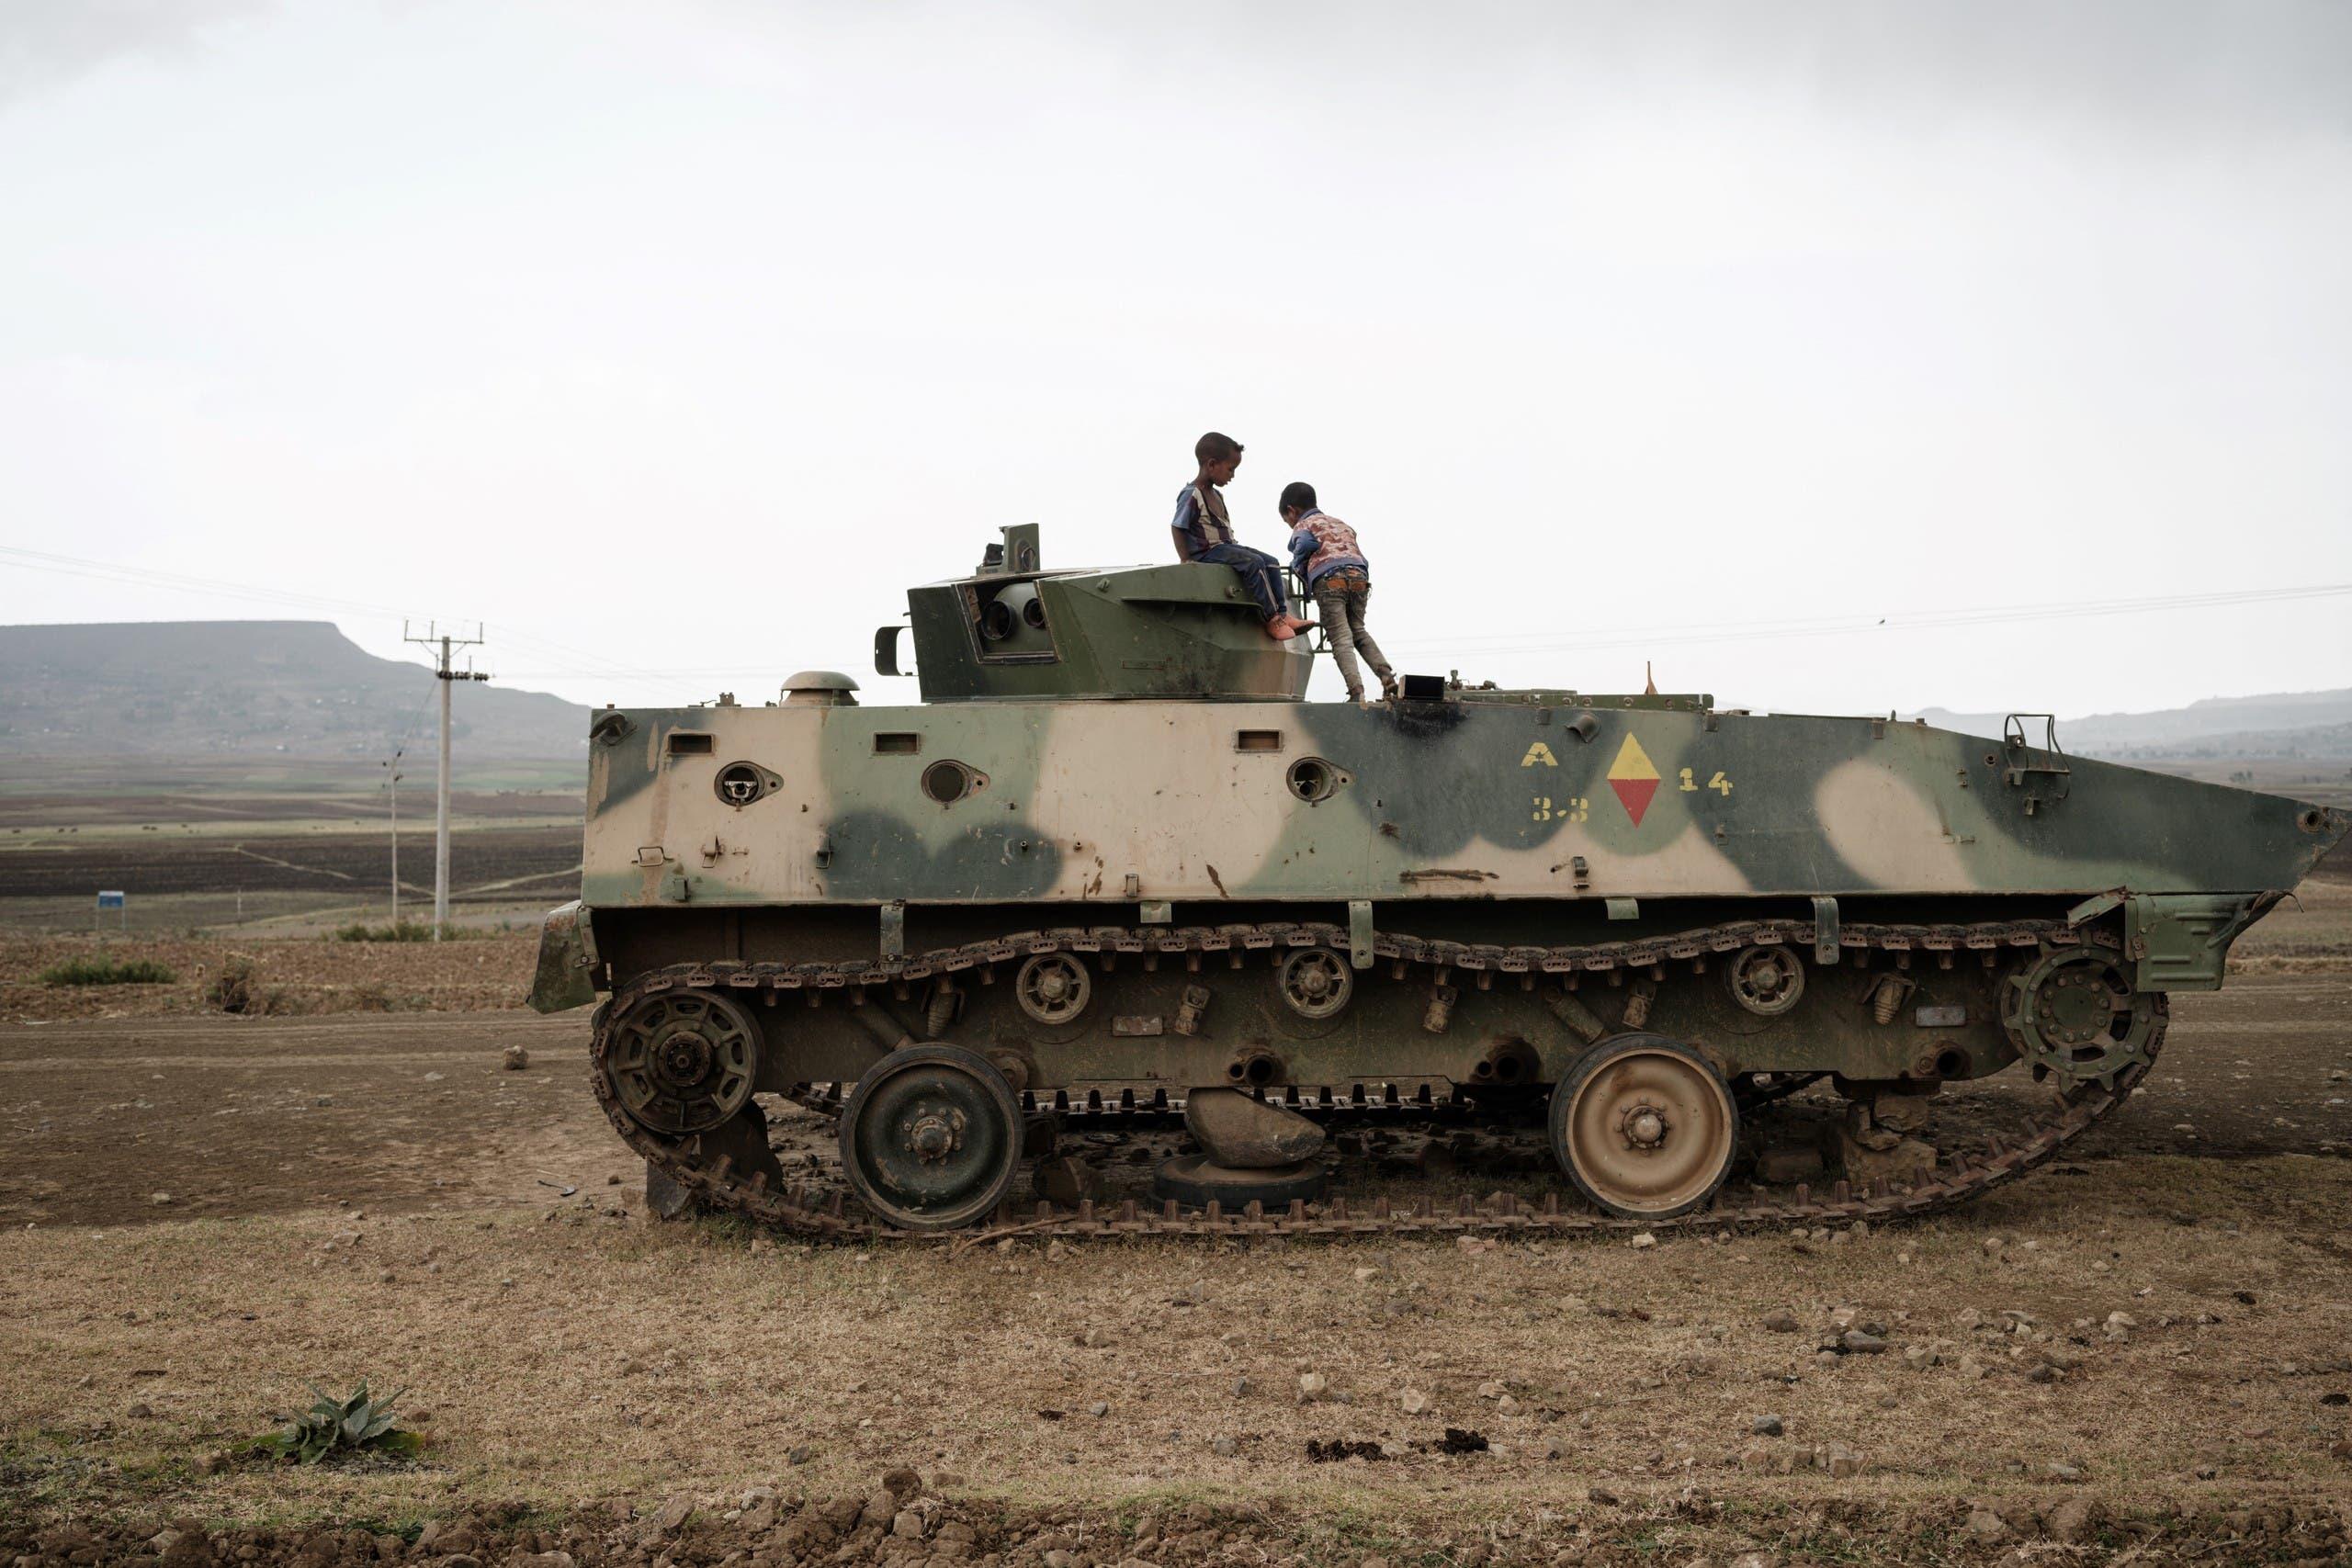 آلية عسكرية تابعة للقوات الإثيوبية